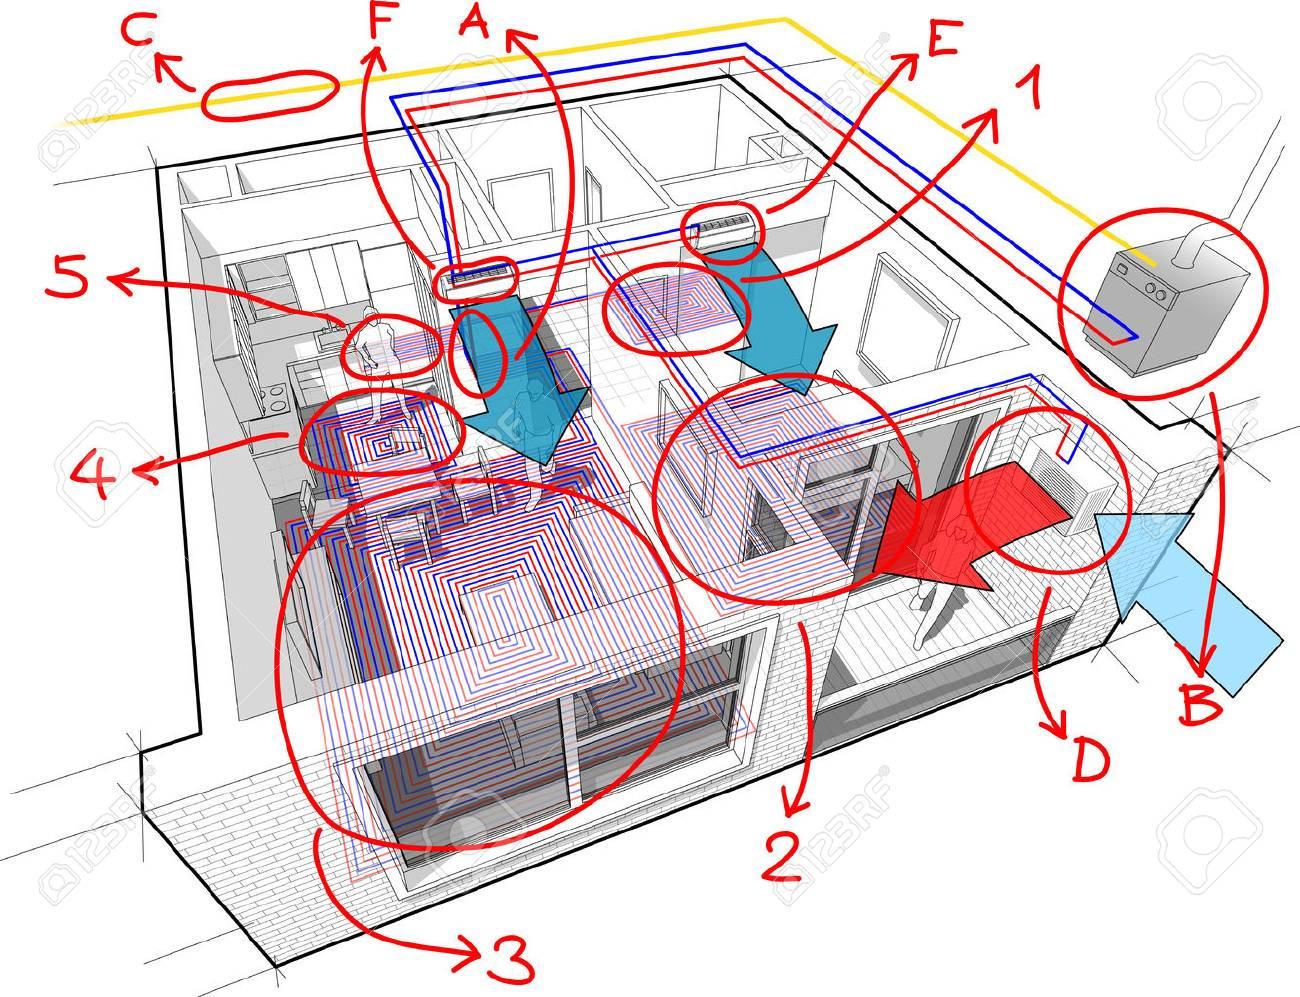 Großartig Worcester Kessel Teile Diagramm Bilder - Elektrische ...